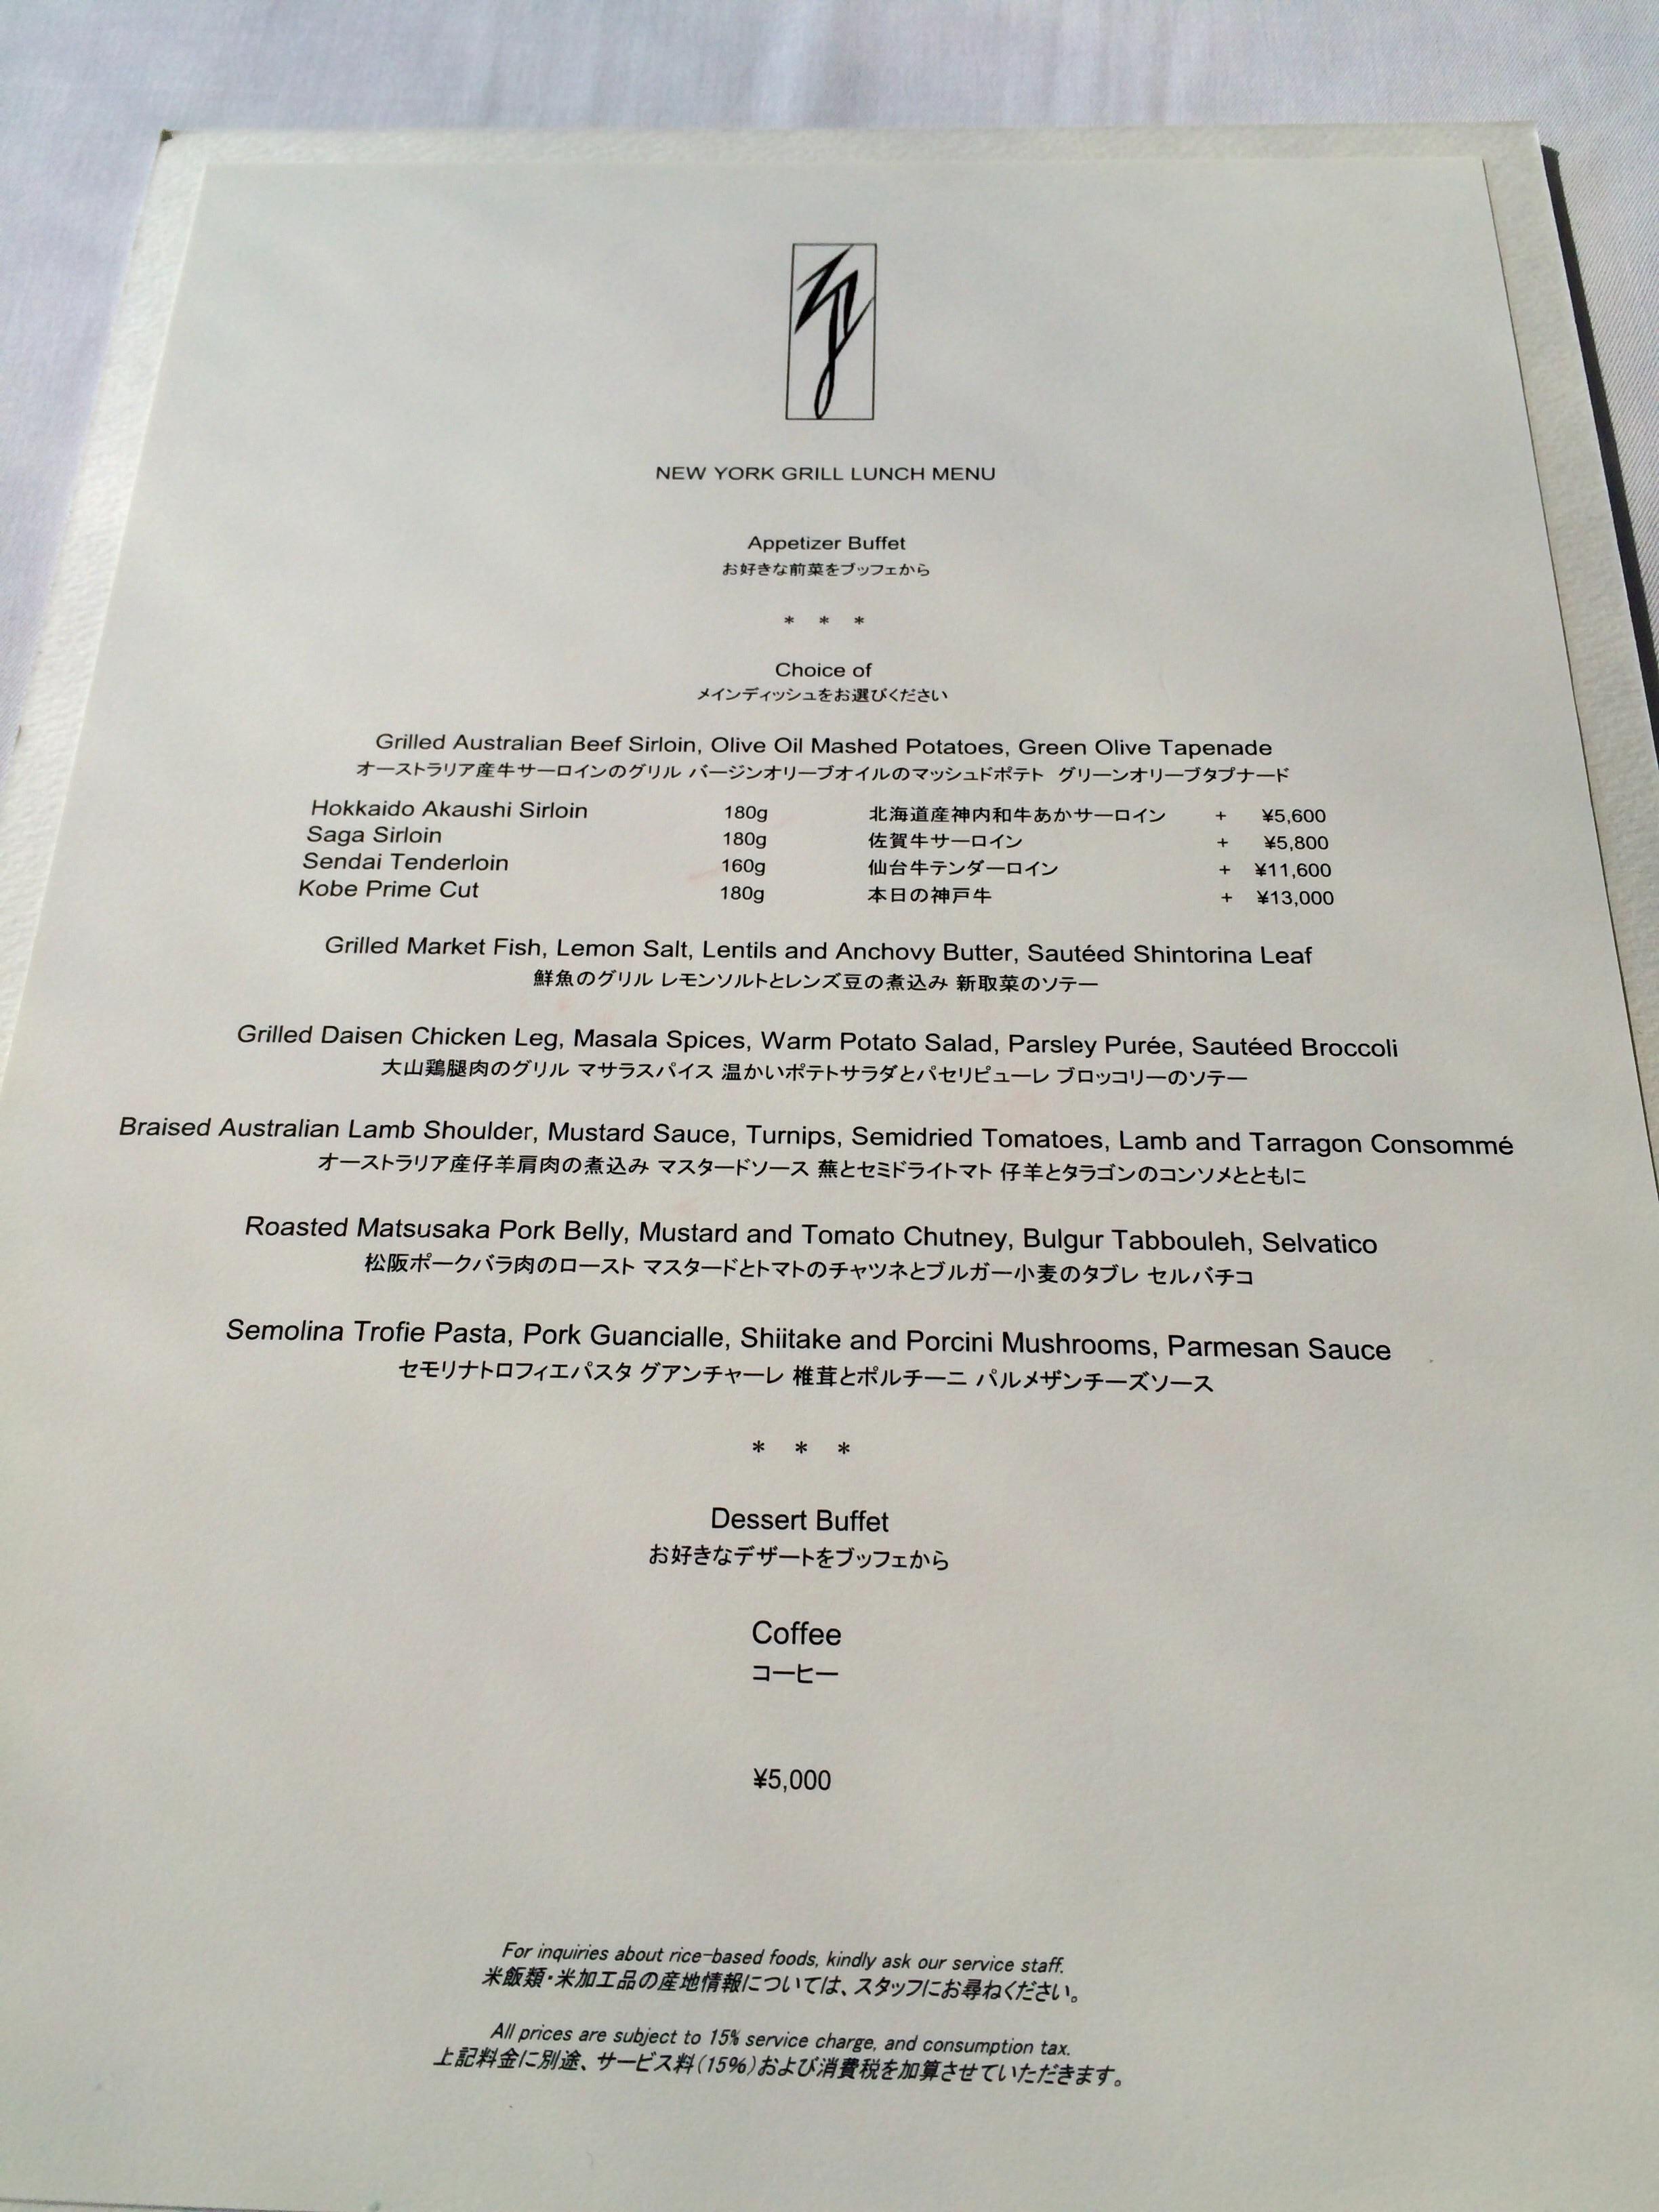 パークハイアット東京のレストラン-ニューヨークグリル-メニュー